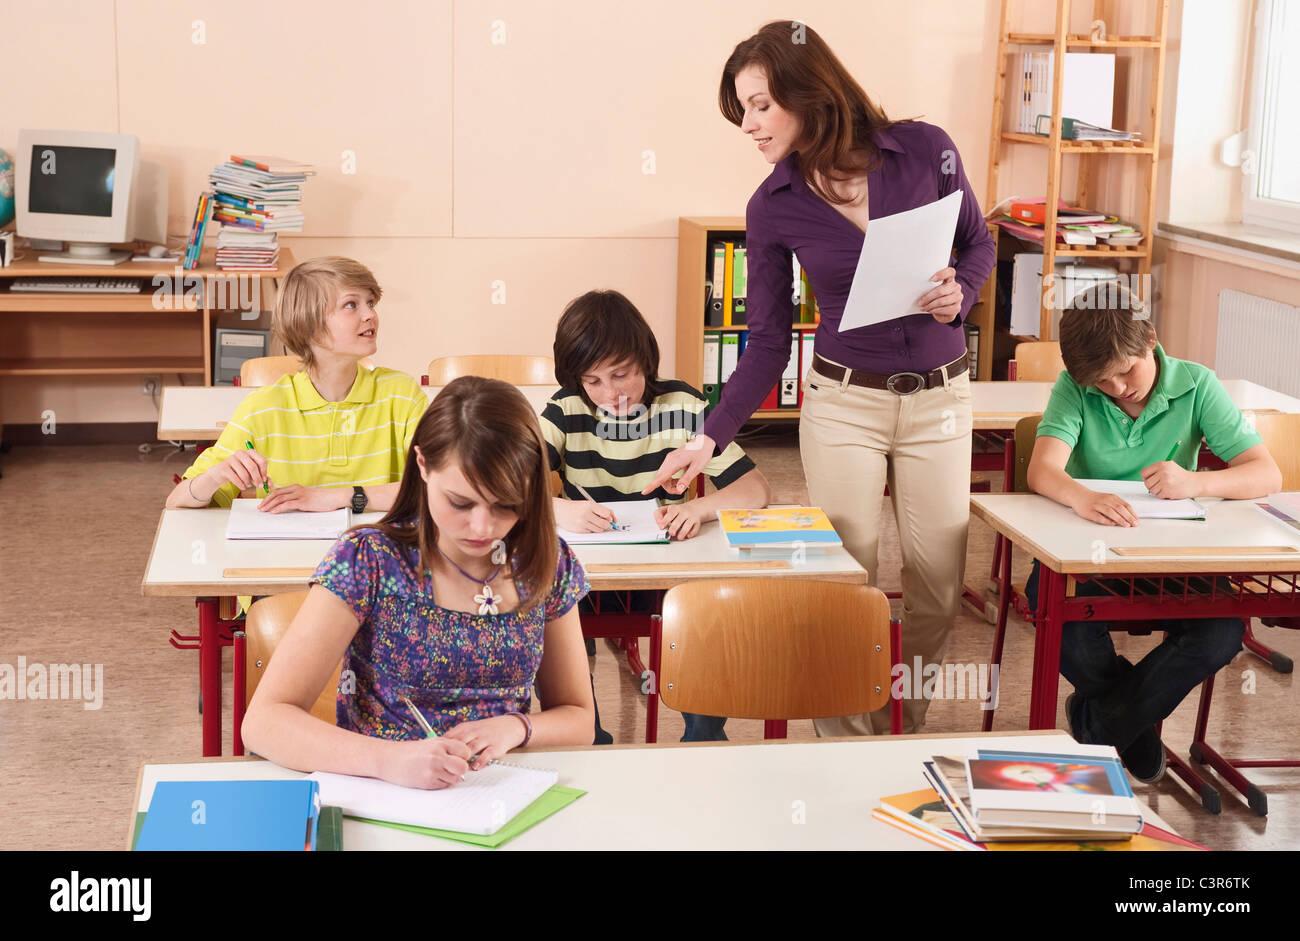 Deutschland, Emmering, Mädchen schreiben mit Lehrer